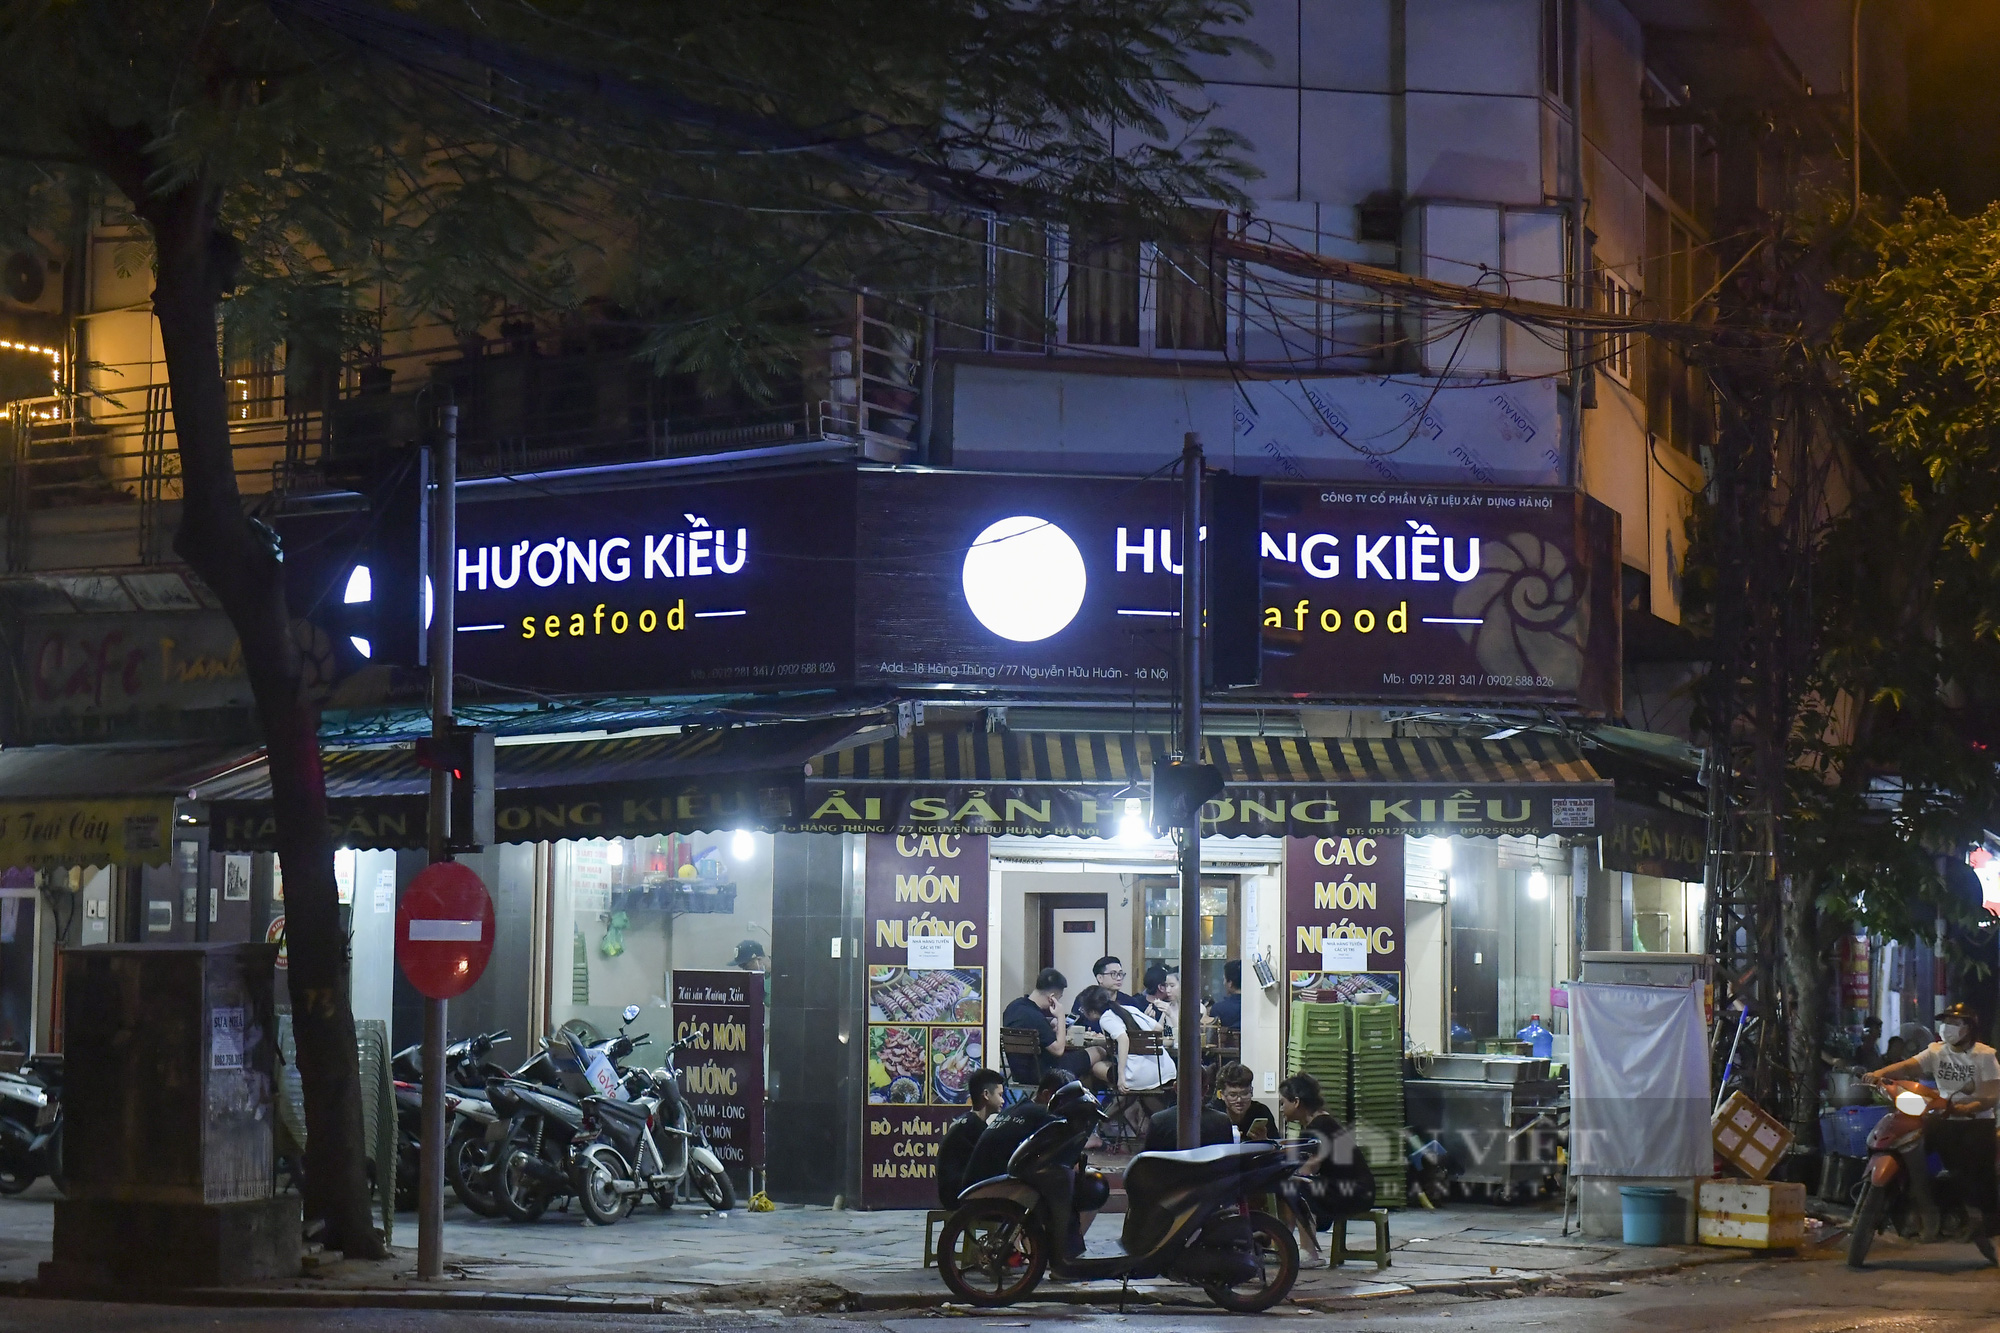 """Hà Nội: Phớt lờ lệnh cấm bán hàng sau 21h, nhiều nhà hàng """"nhốt khách"""" ăn uống phía trong - Ảnh 2."""